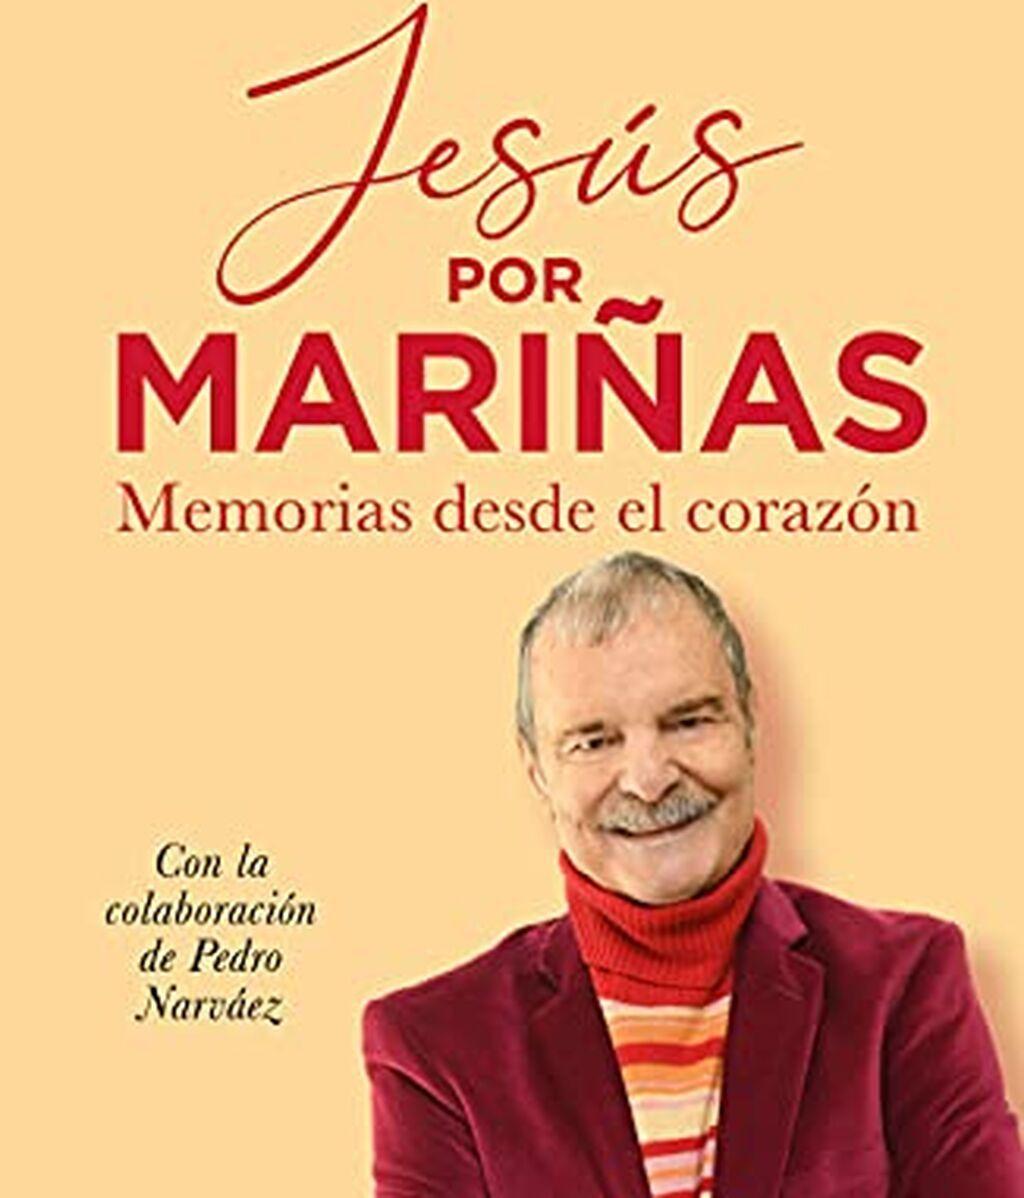 Jesús Mariñas, memorias desde el corazón (Libro)